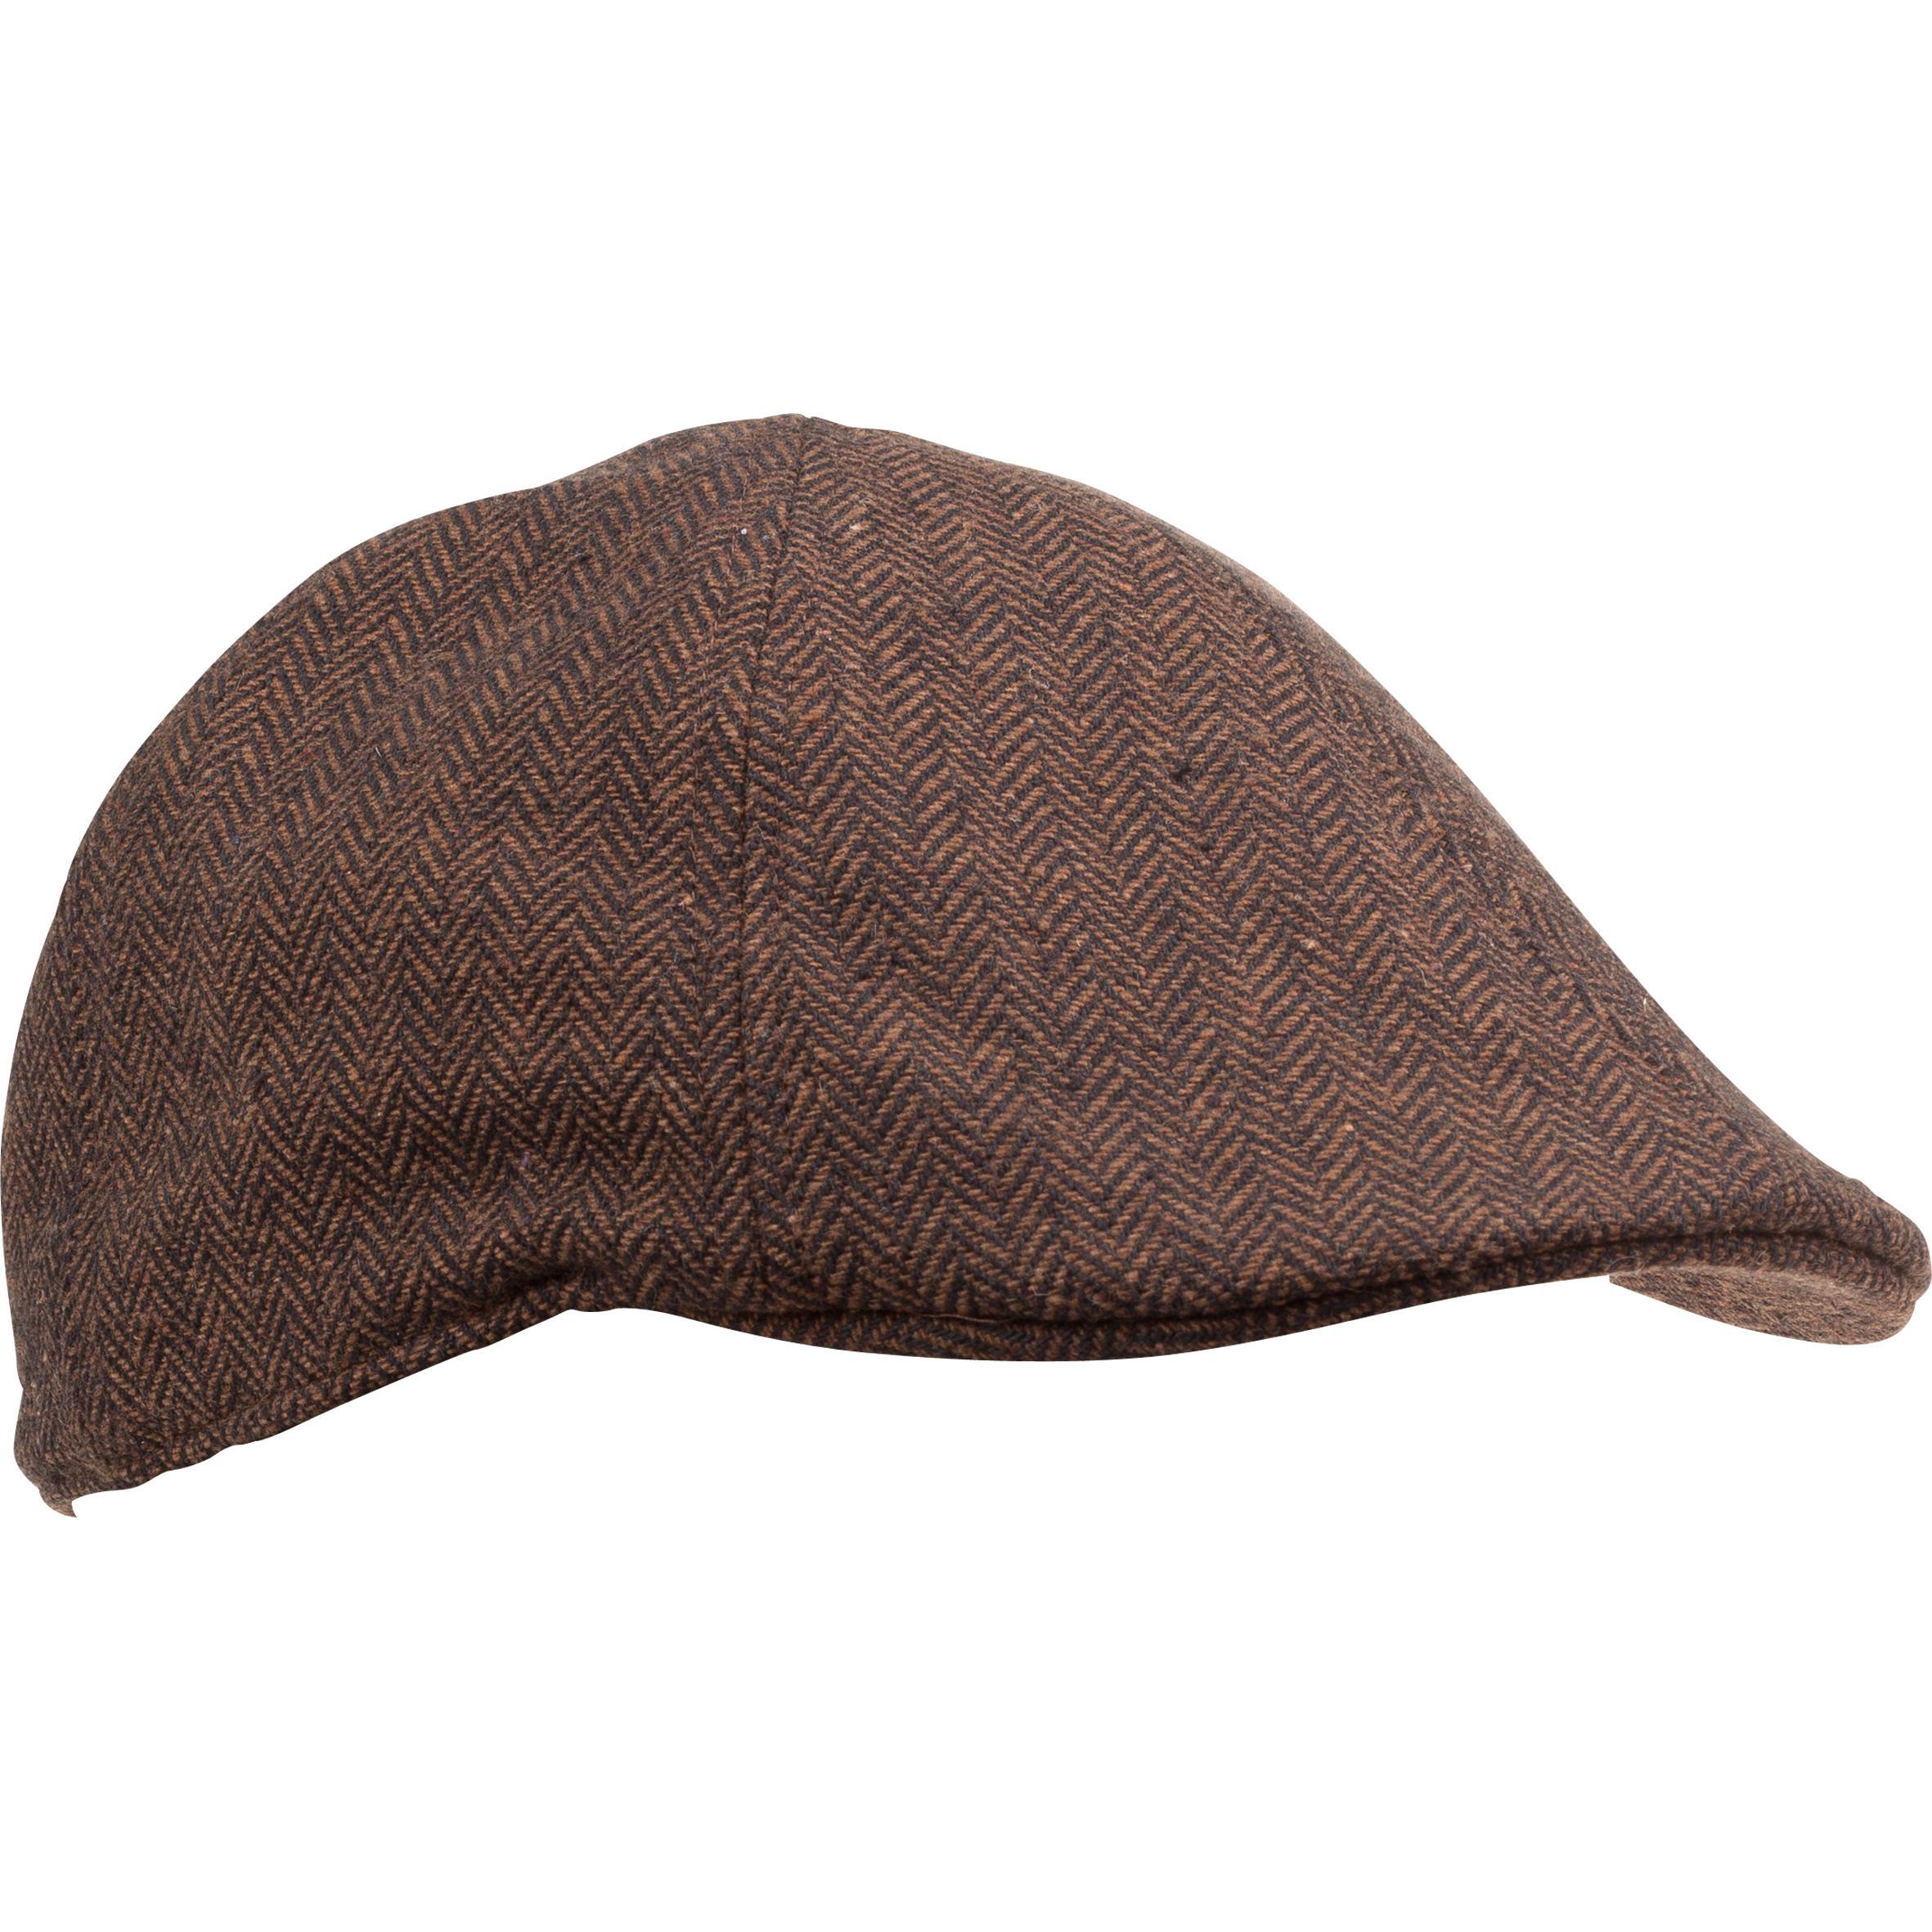 Şapcă Tweed Plată Maro